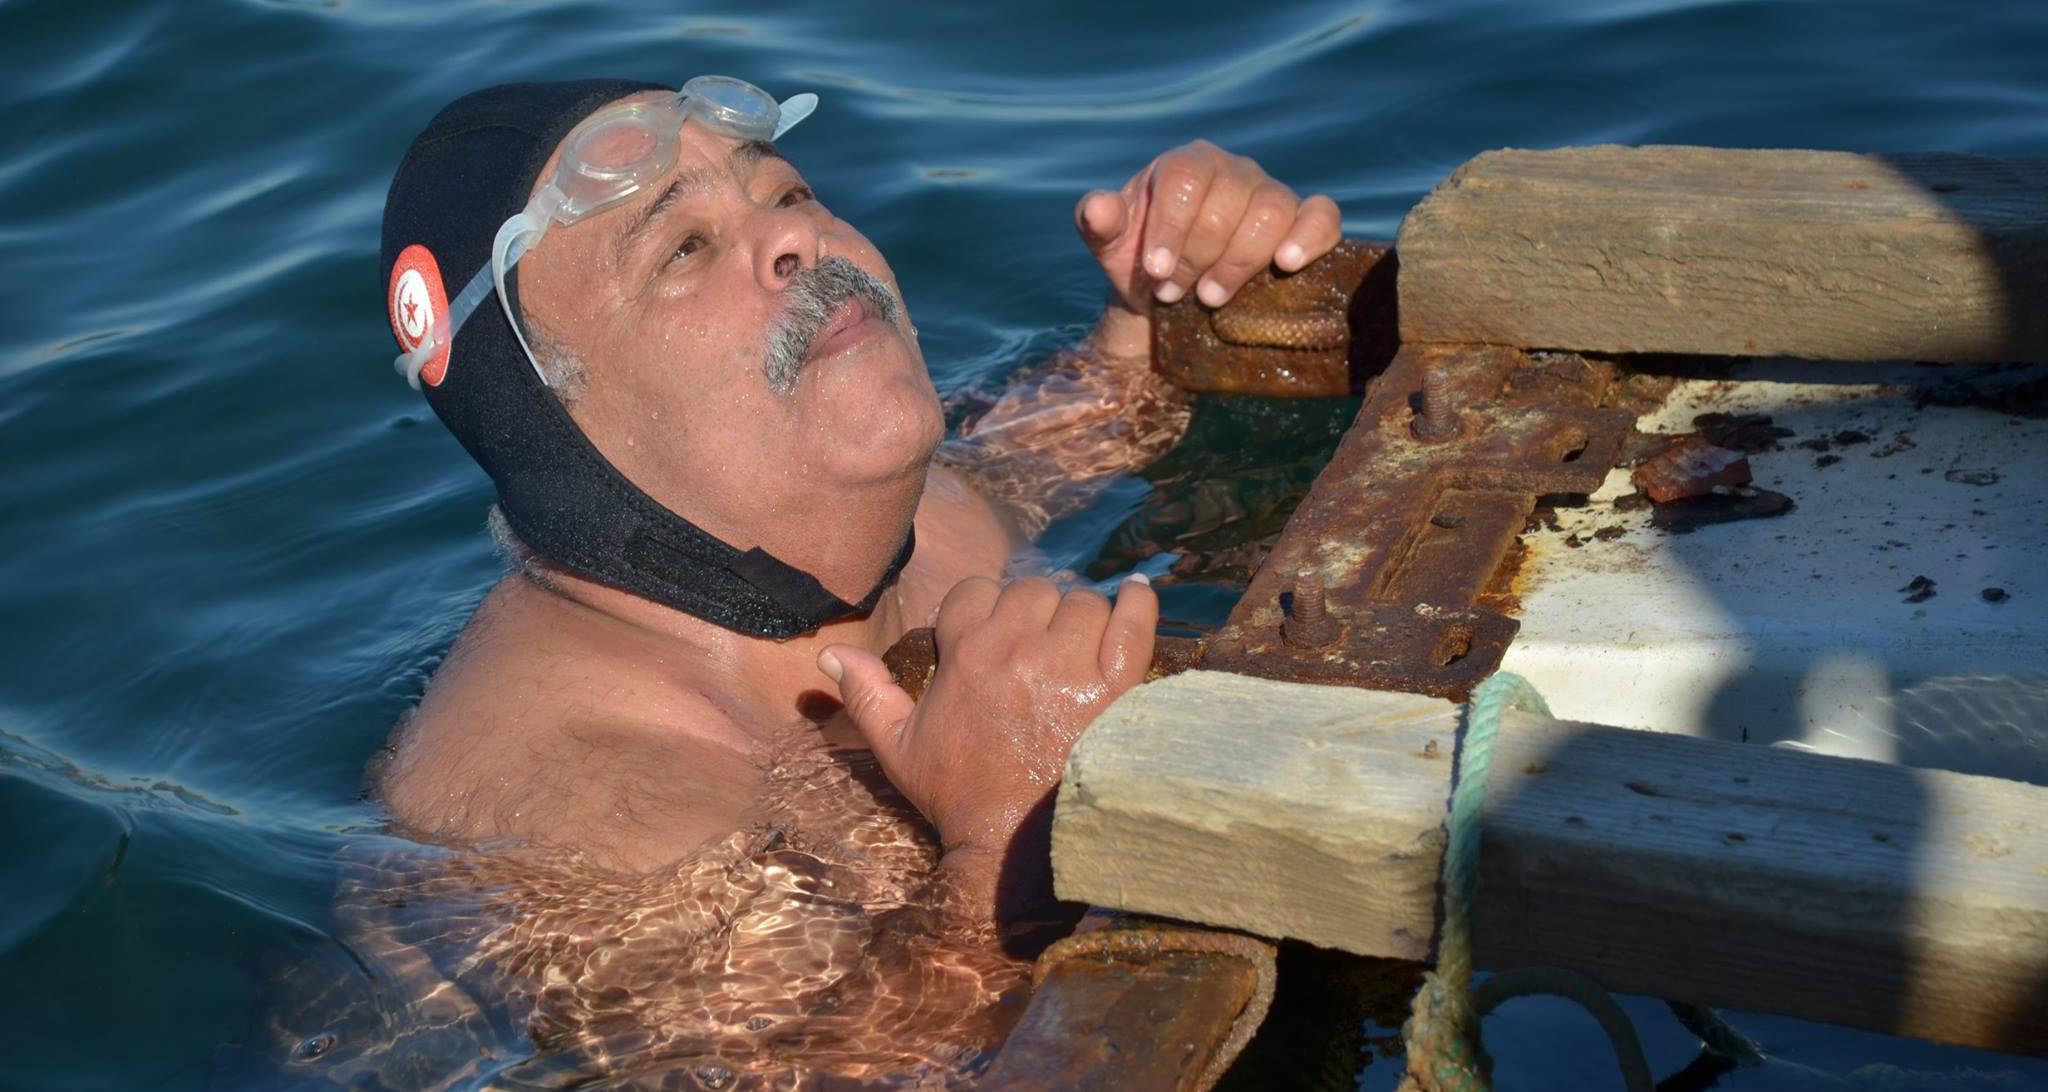 السباح نجيب بلهادي يراهن على جر باخرة وزنها 1000 طن